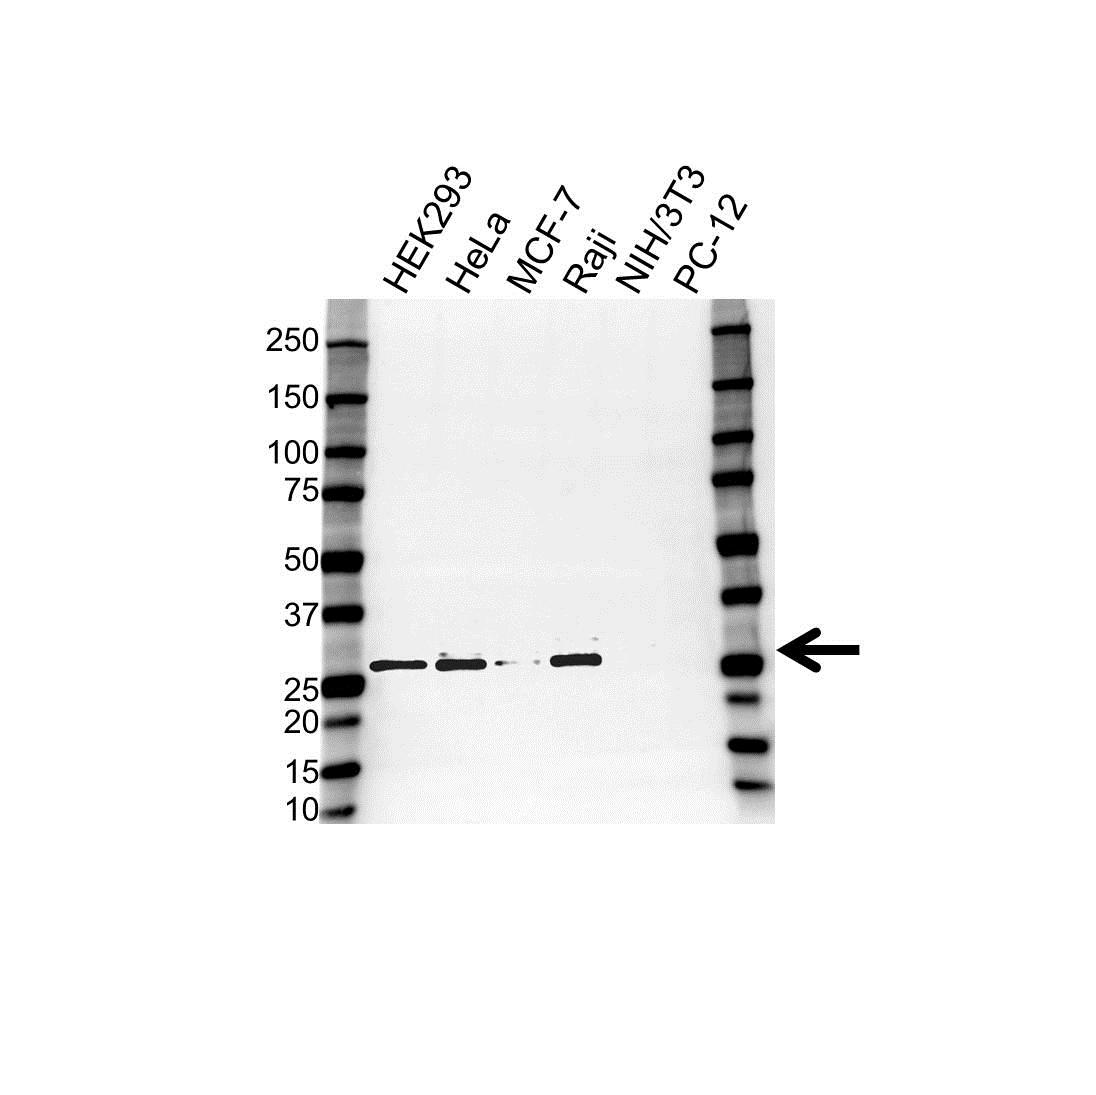 Anti KDELR1 Antibody (PrecisionAb Polyclonal Antibody) gallery image 1